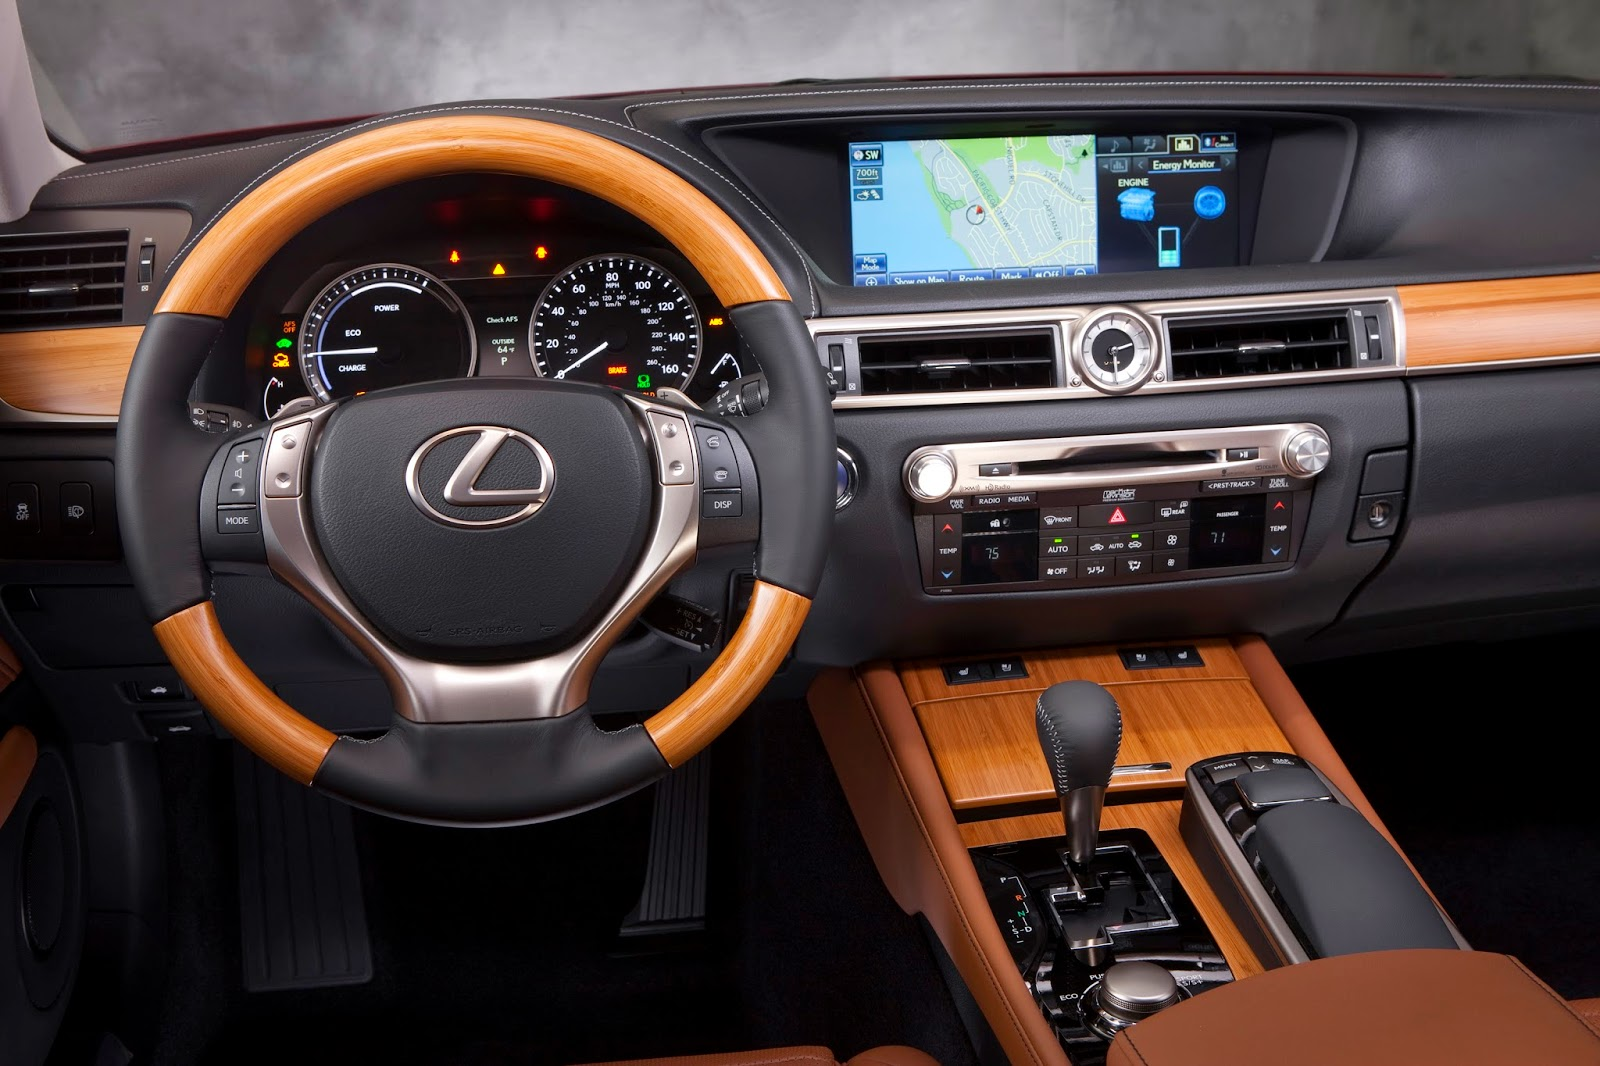 Interior view of 2014 Lexus GS450h